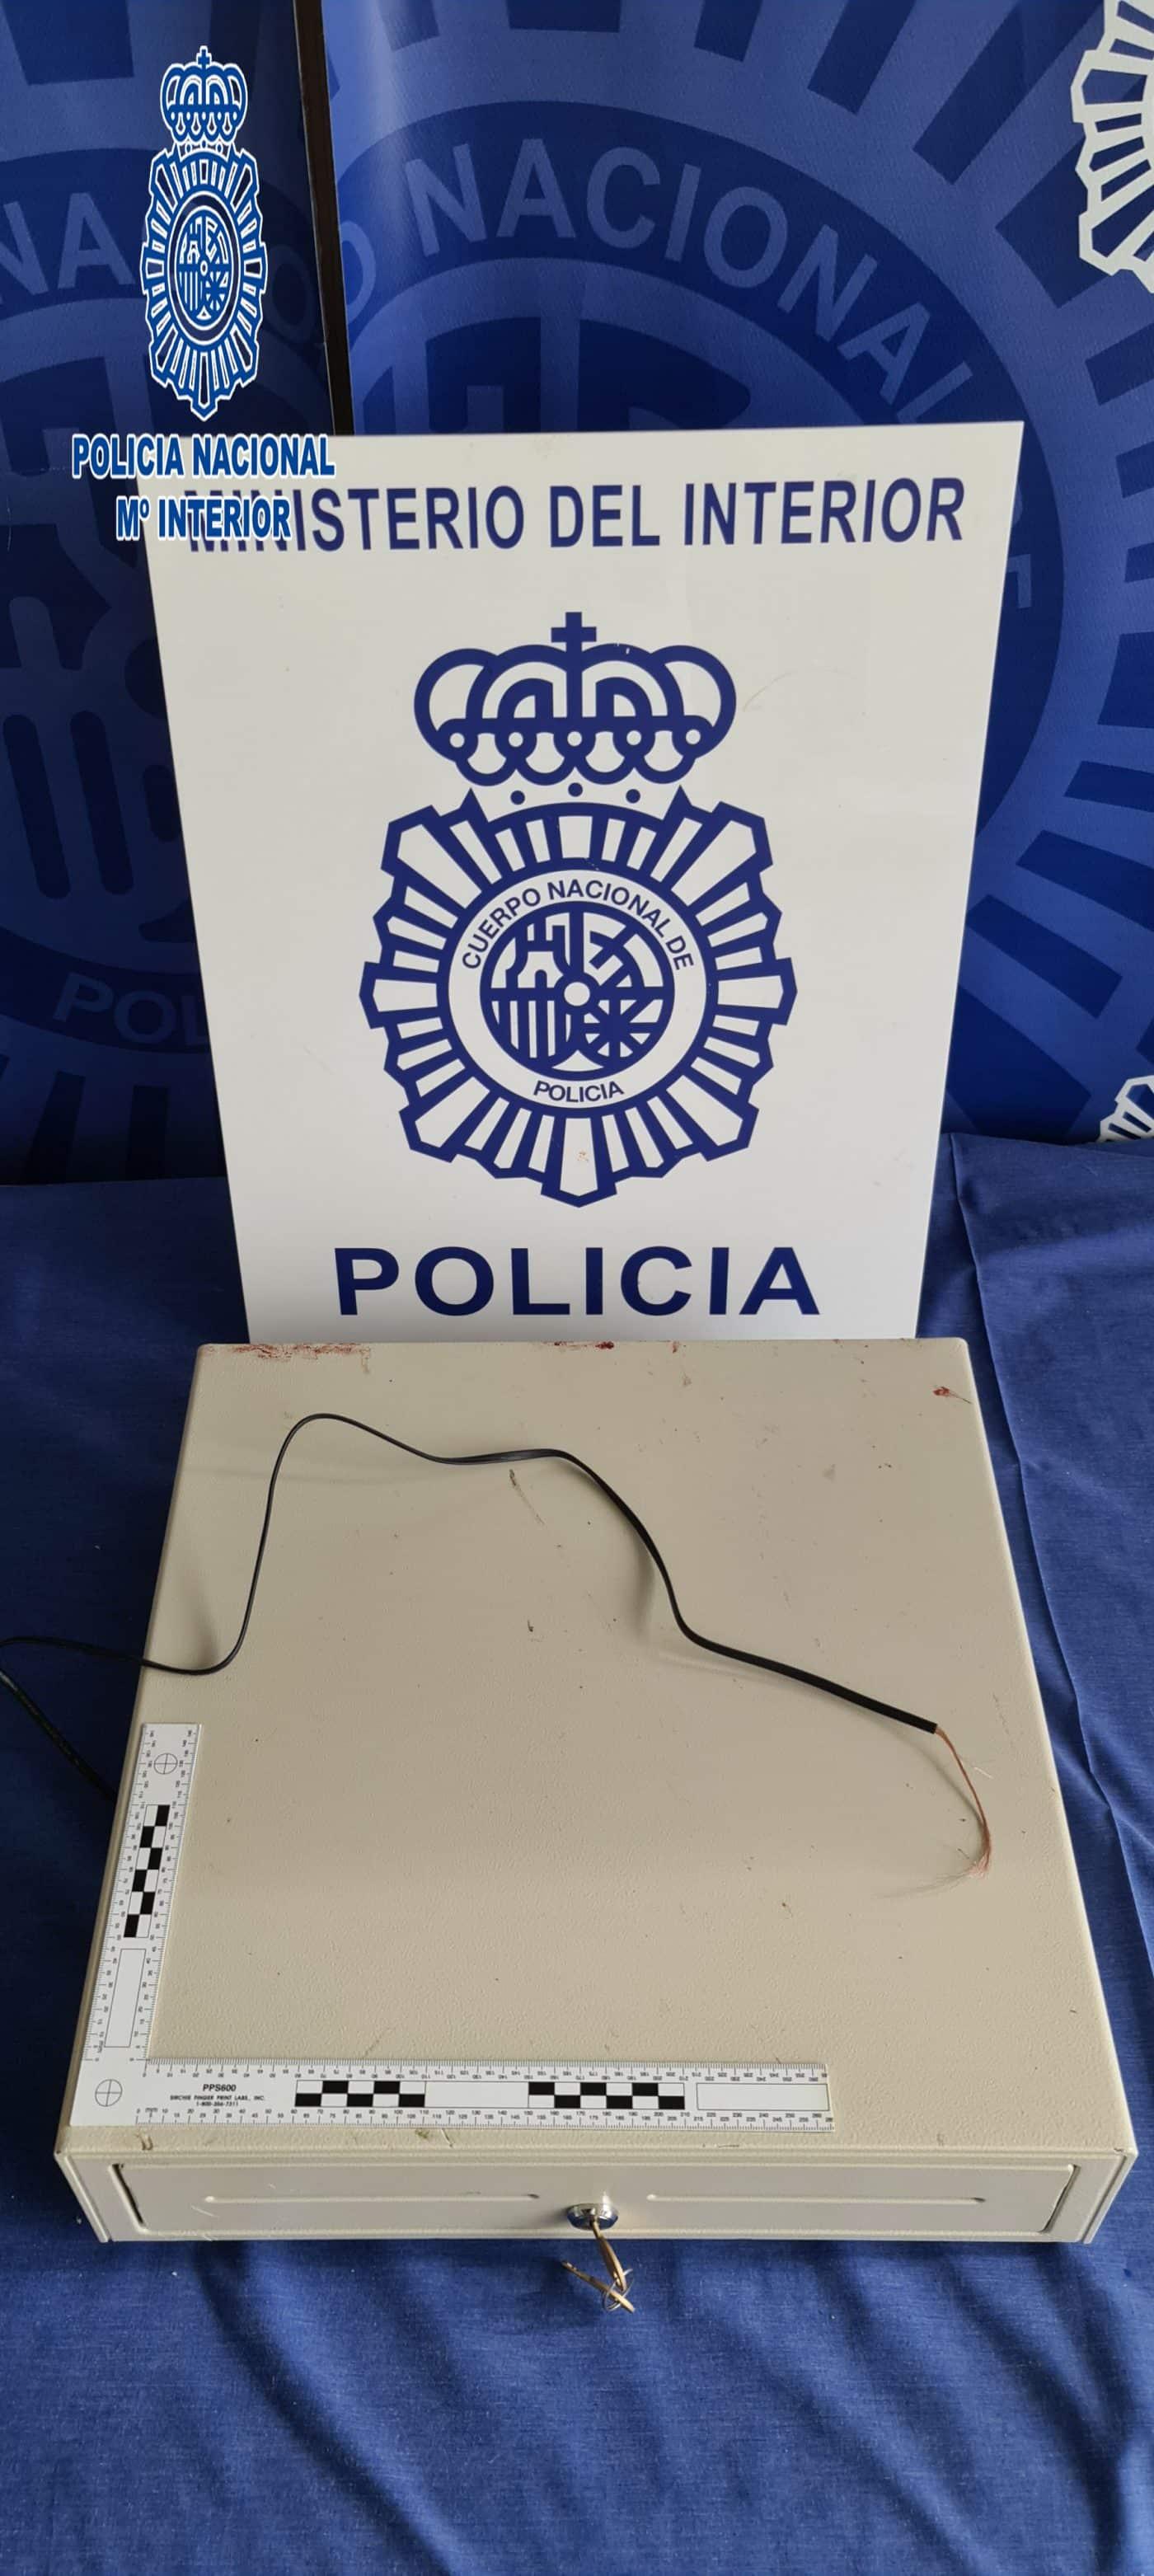 Detenido en Logroño un joven al ser pillado con la caja registradora del comercio donde había robado 1